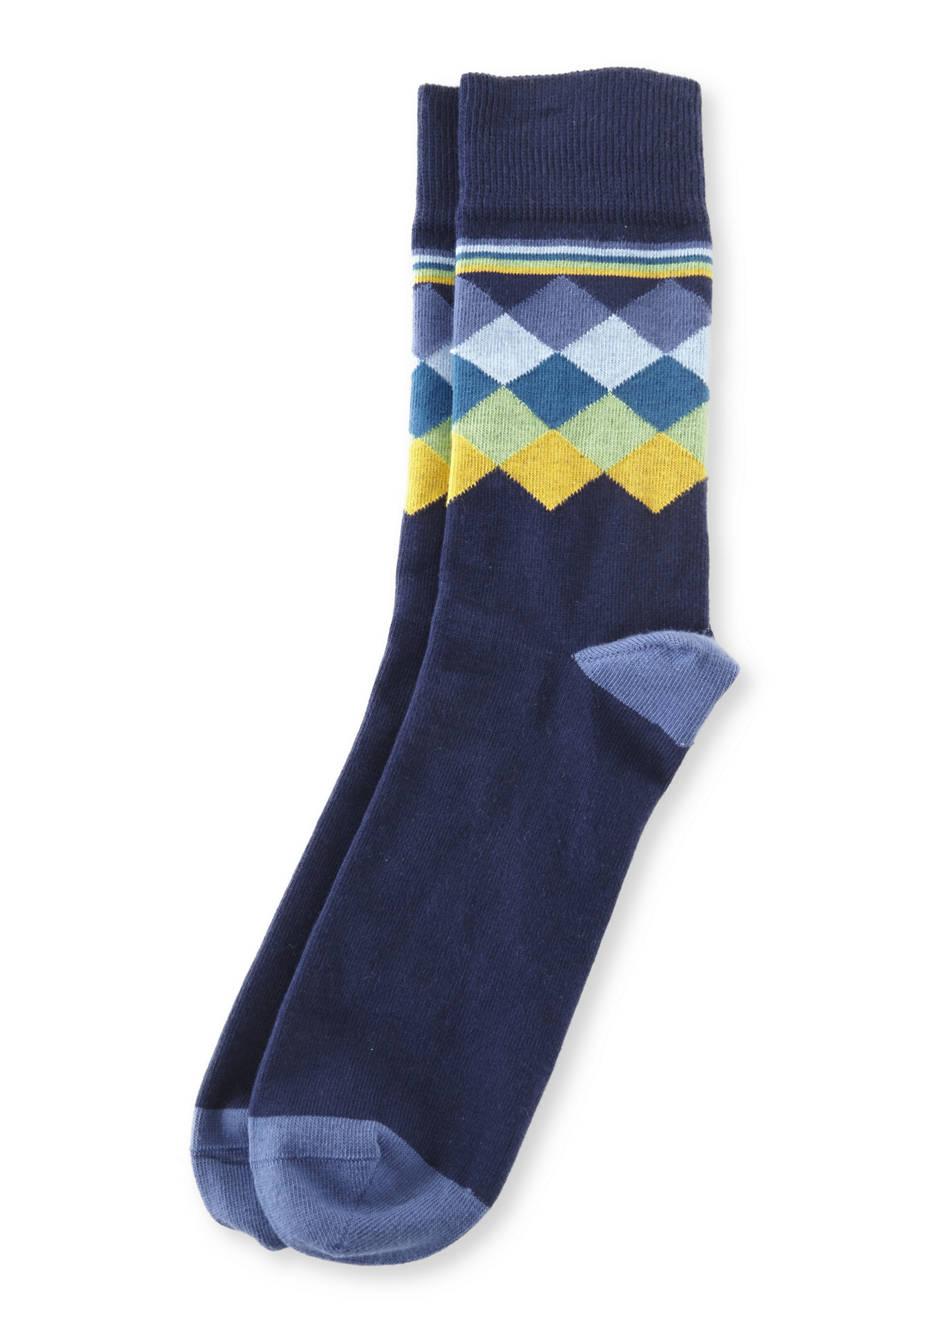 Herren Socke aus Bio-Baumwolle